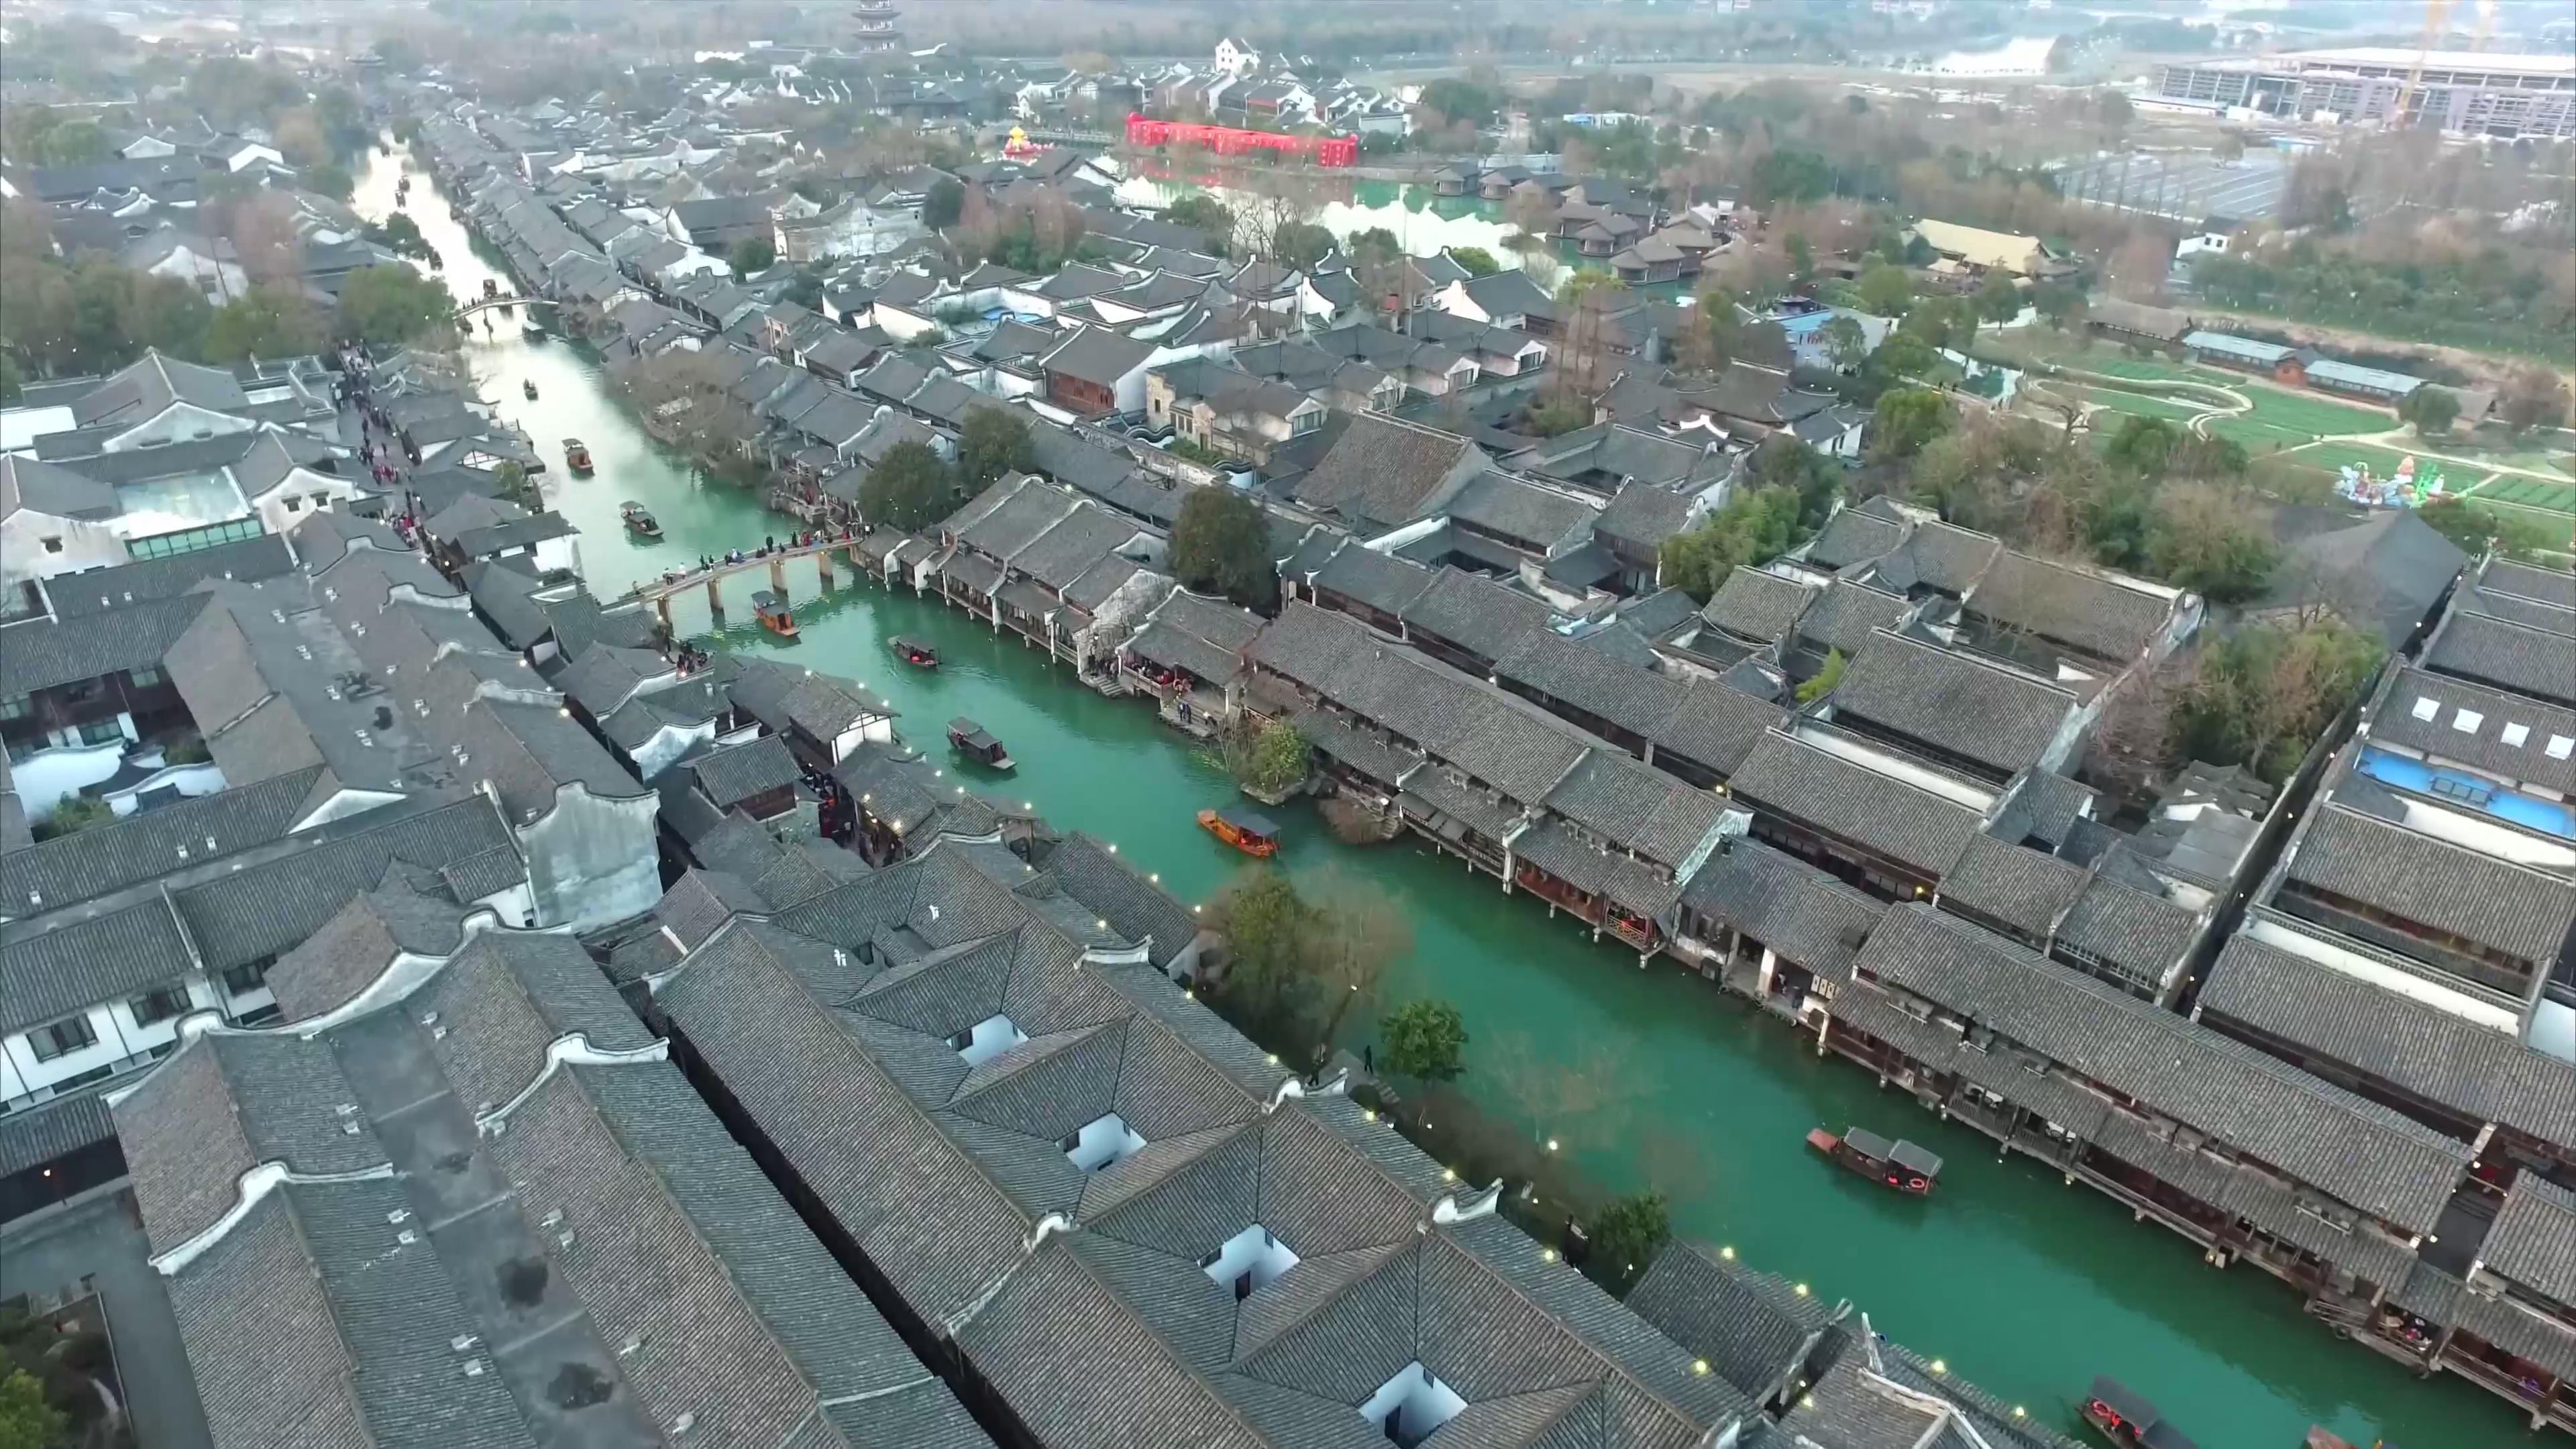 云南 乌镇 小镇 瓦房 小船 船 水镇 航拍 全景 4k